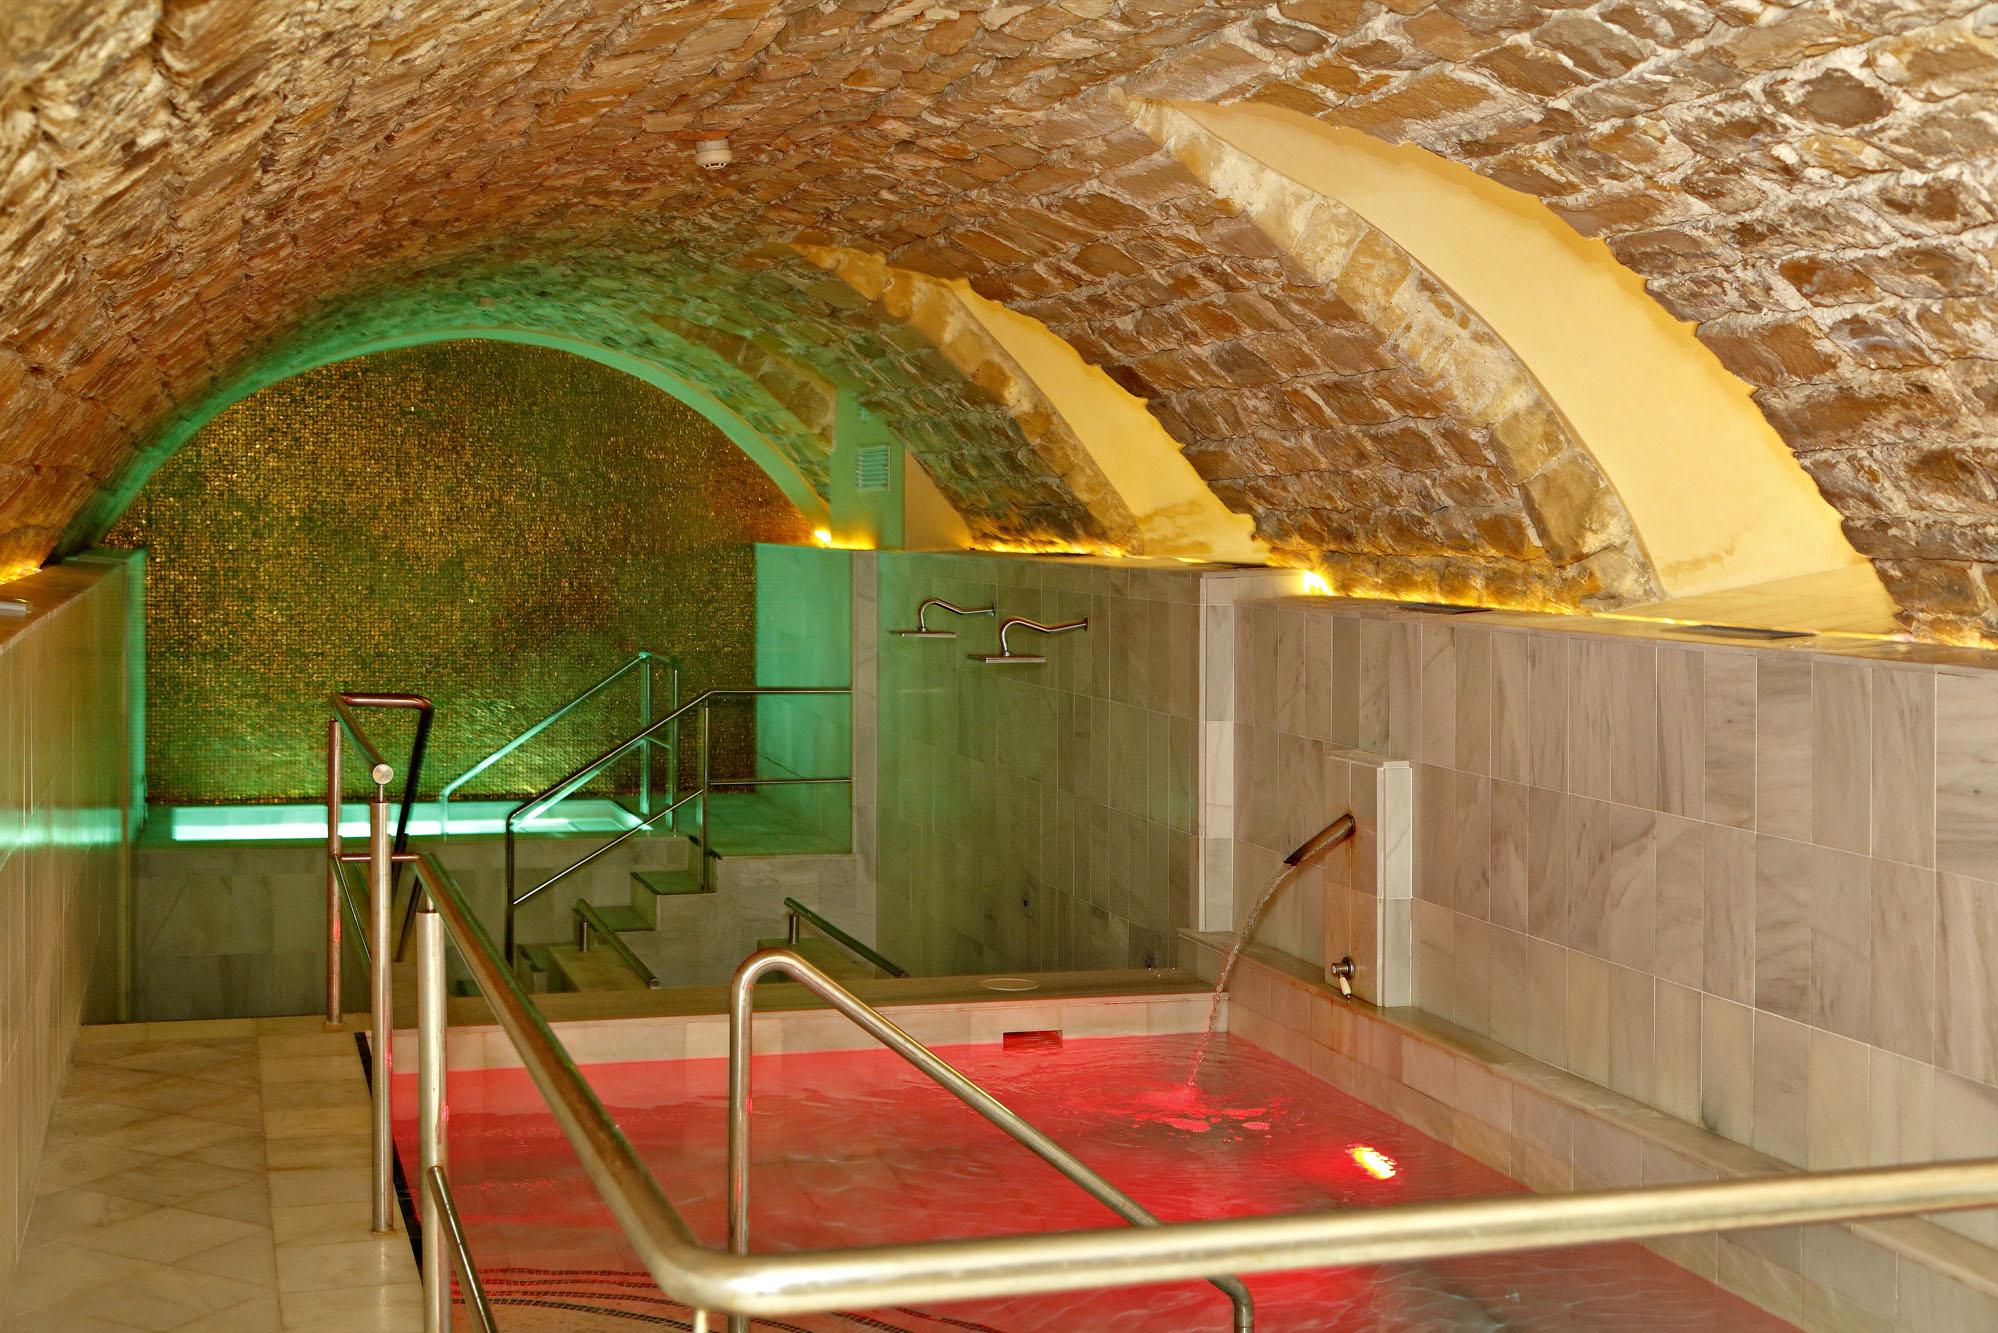 Las piscinas de agua fría y caliente del 'spa' están situadas en la zona antigua de las termas.